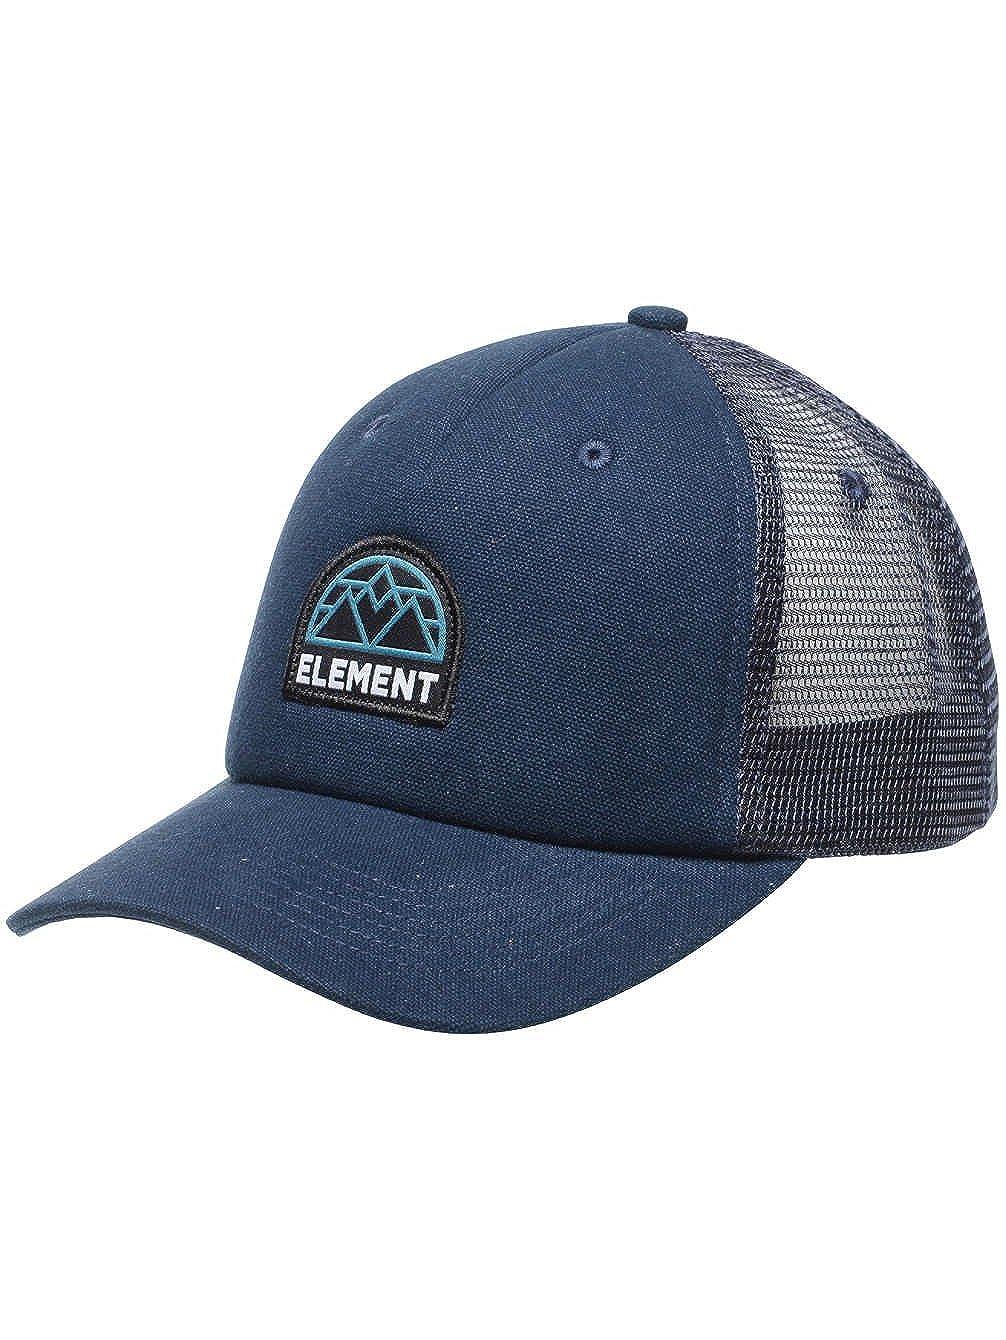 Element Icon Mesh Cap/ Gorra, one size, Color: Total Eclipse: Amazon.es: Ropa y accesorios